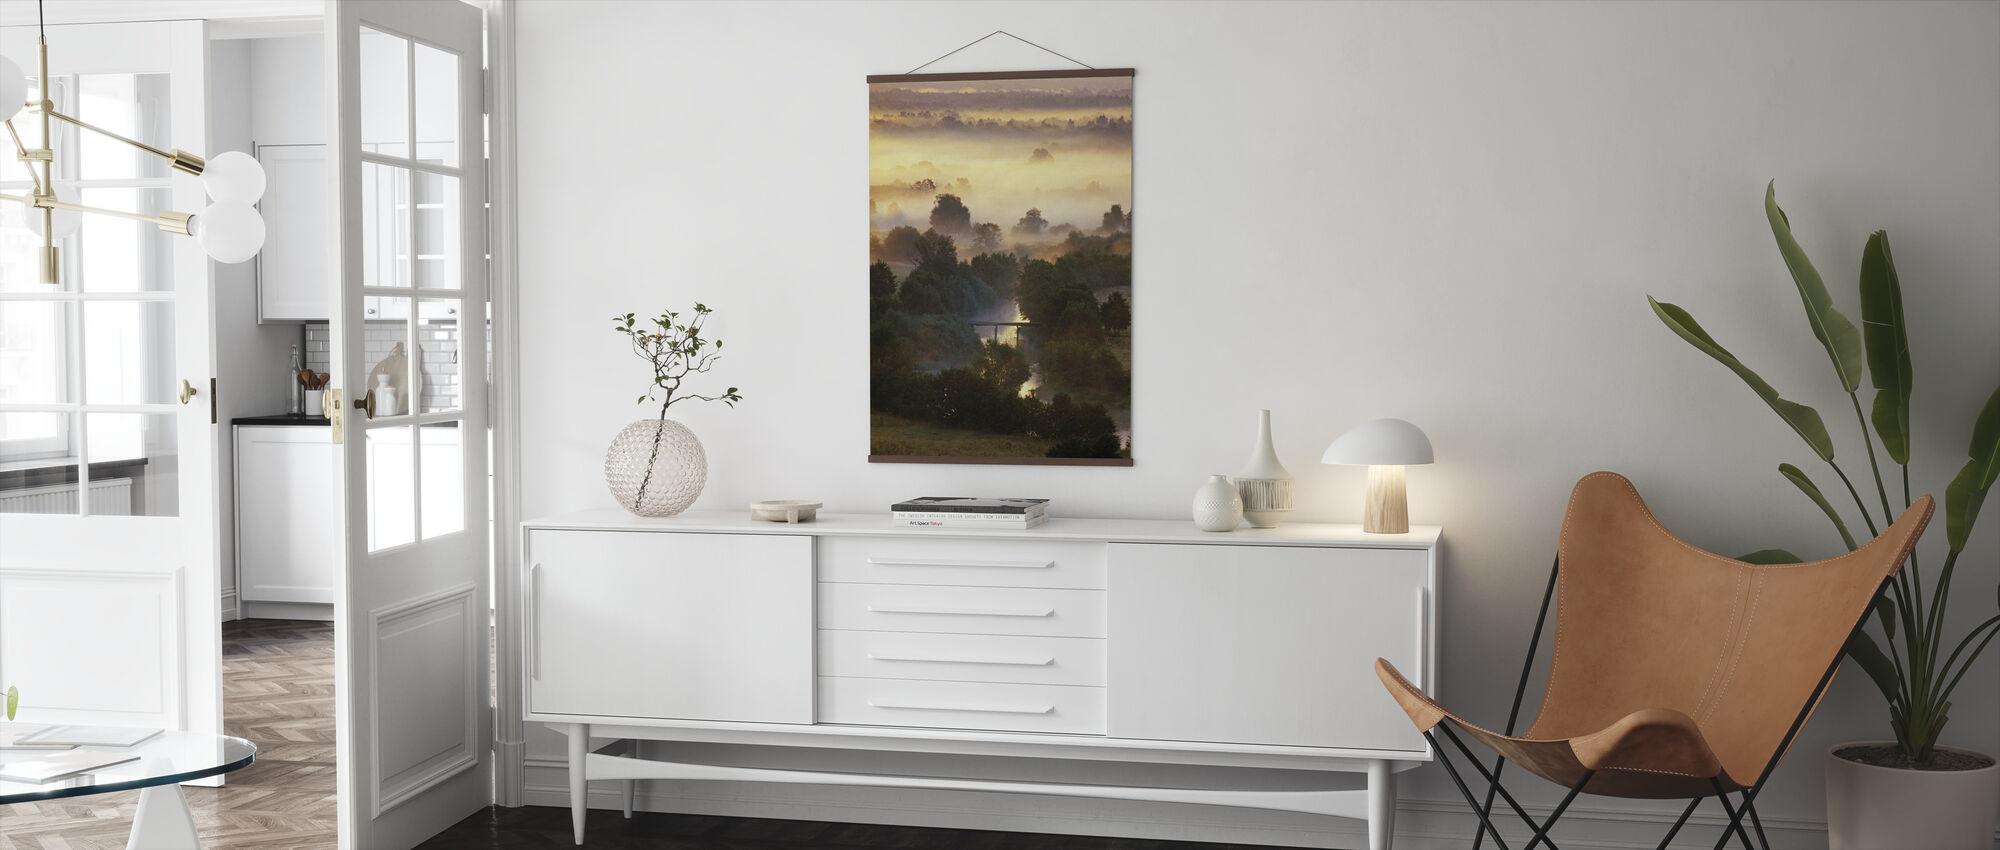 Misty glinsterende bos - Poster - Woonkamer